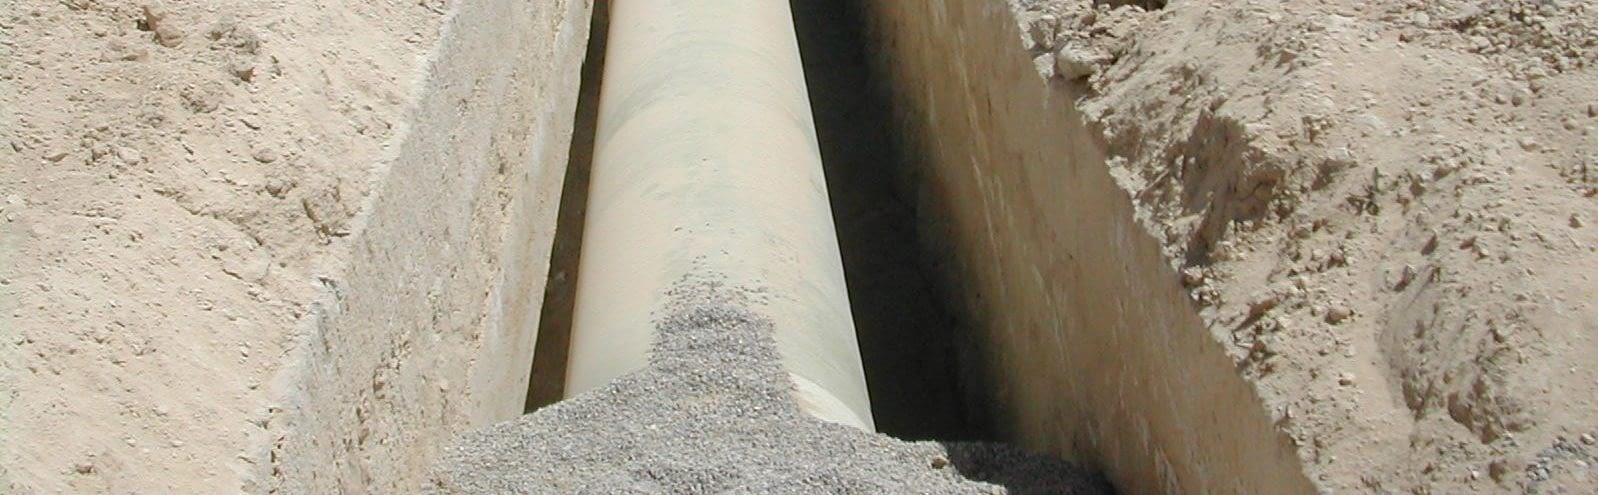 banner tubo